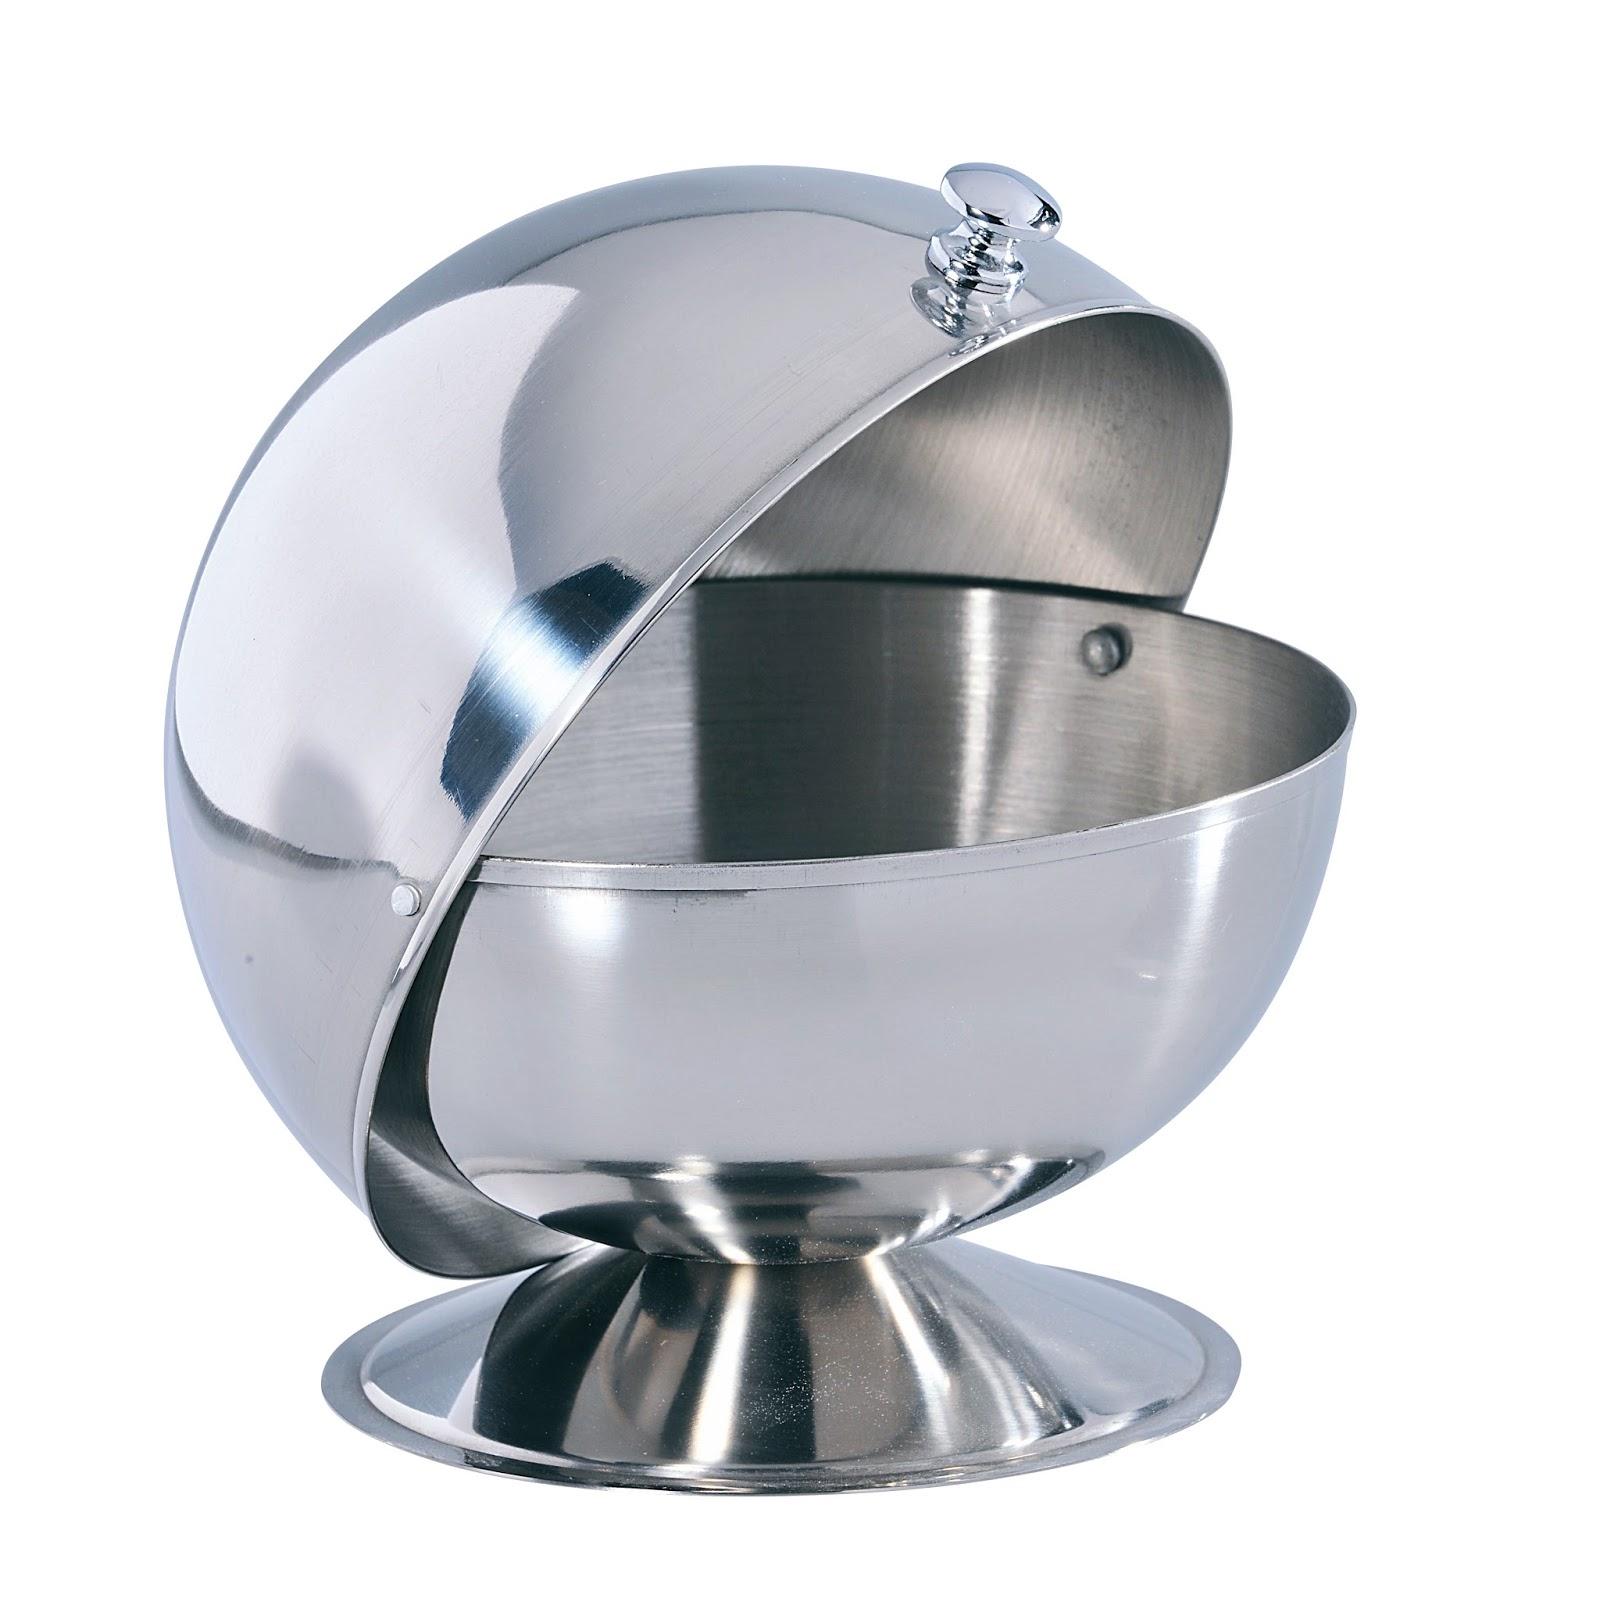 sucrier boule collection Bistro de E.Leclerc maison